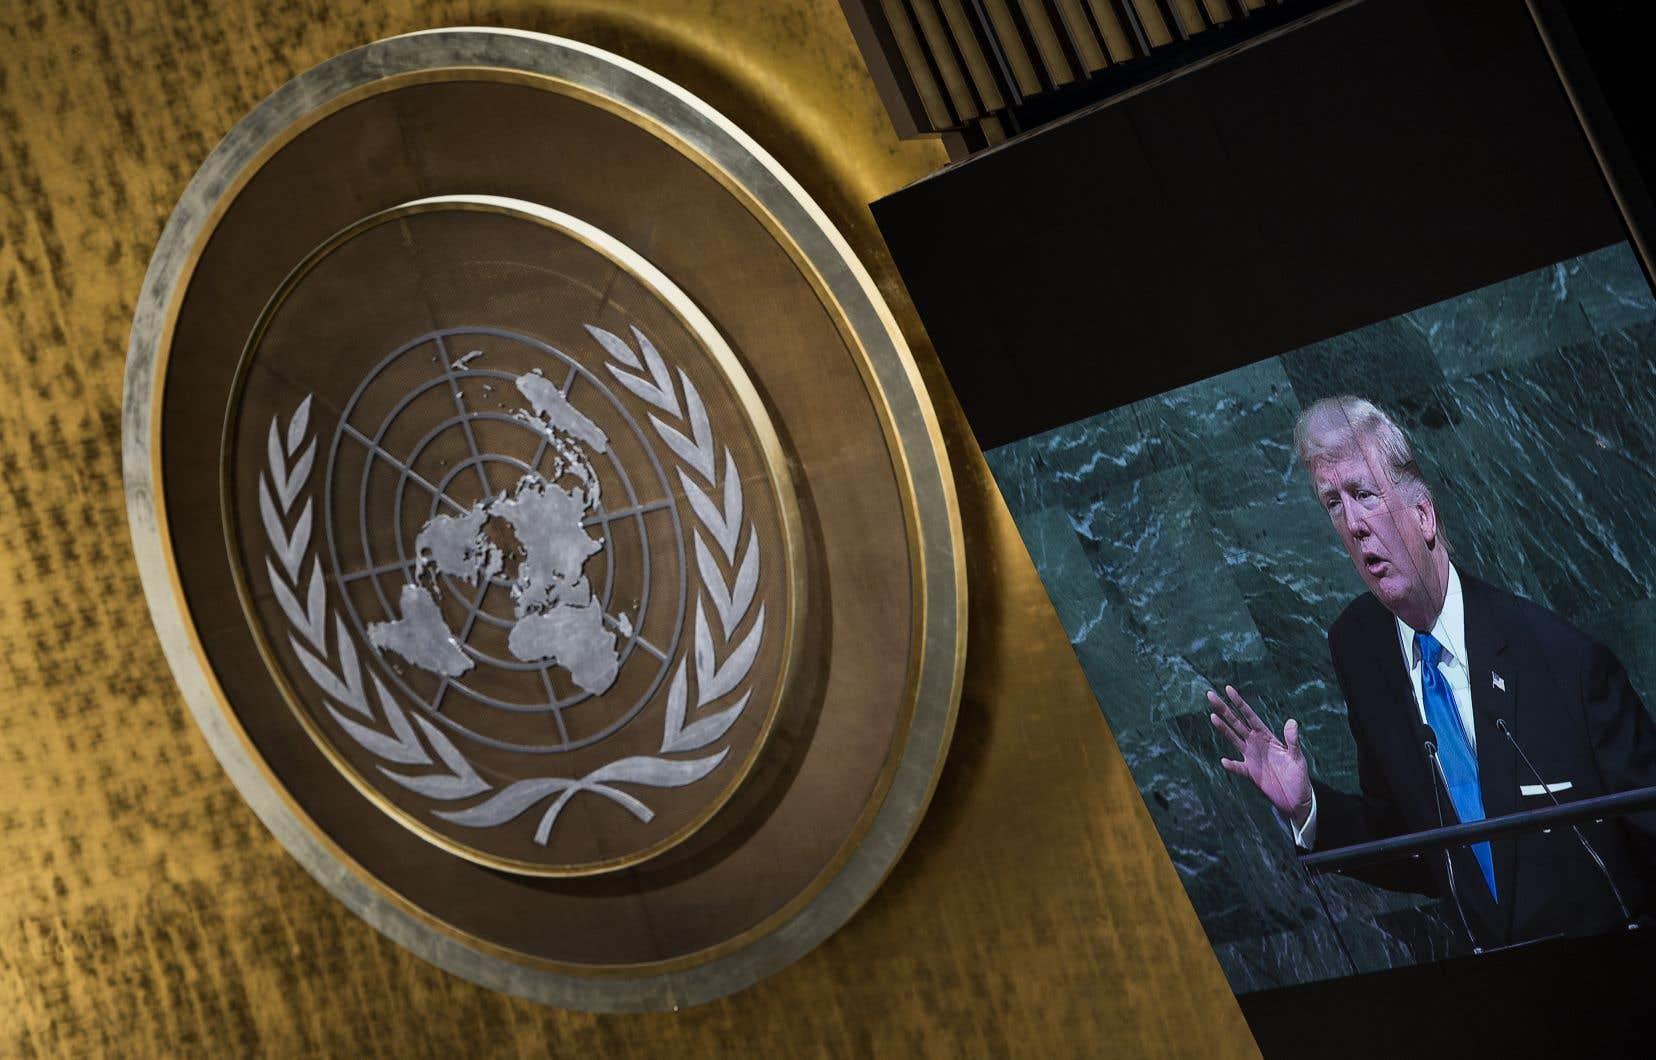 Dans un discours prononcé devant l'Assemblée des Nations unies le 19 septembre 2017, le président des États-Unis, Donald Trump, avait menacé de «détruire totalement» un pays membre de l'organisation, rappelle l'auteur.